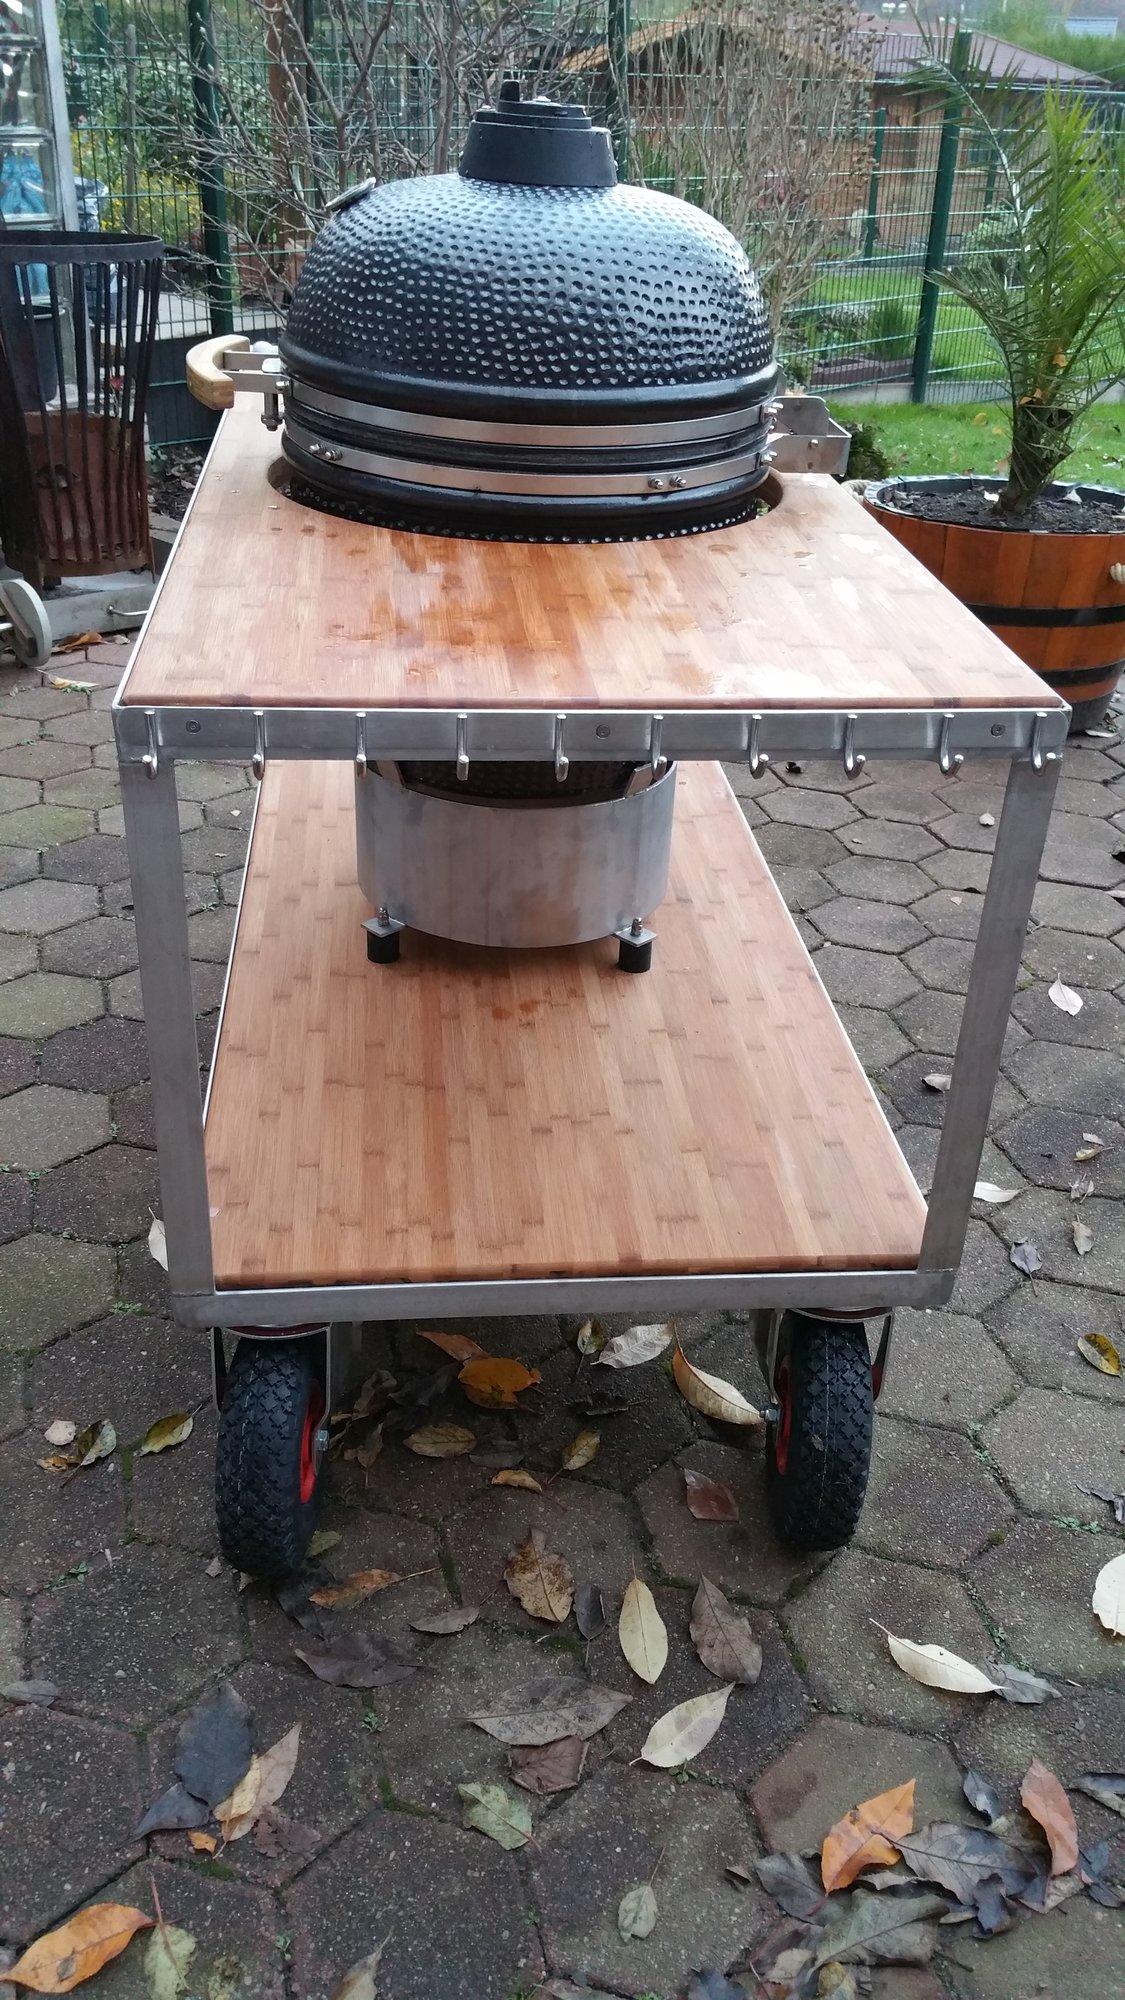 grillwagen xxl f r monolith kamado und co grillforum. Black Bedroom Furniture Sets. Home Design Ideas